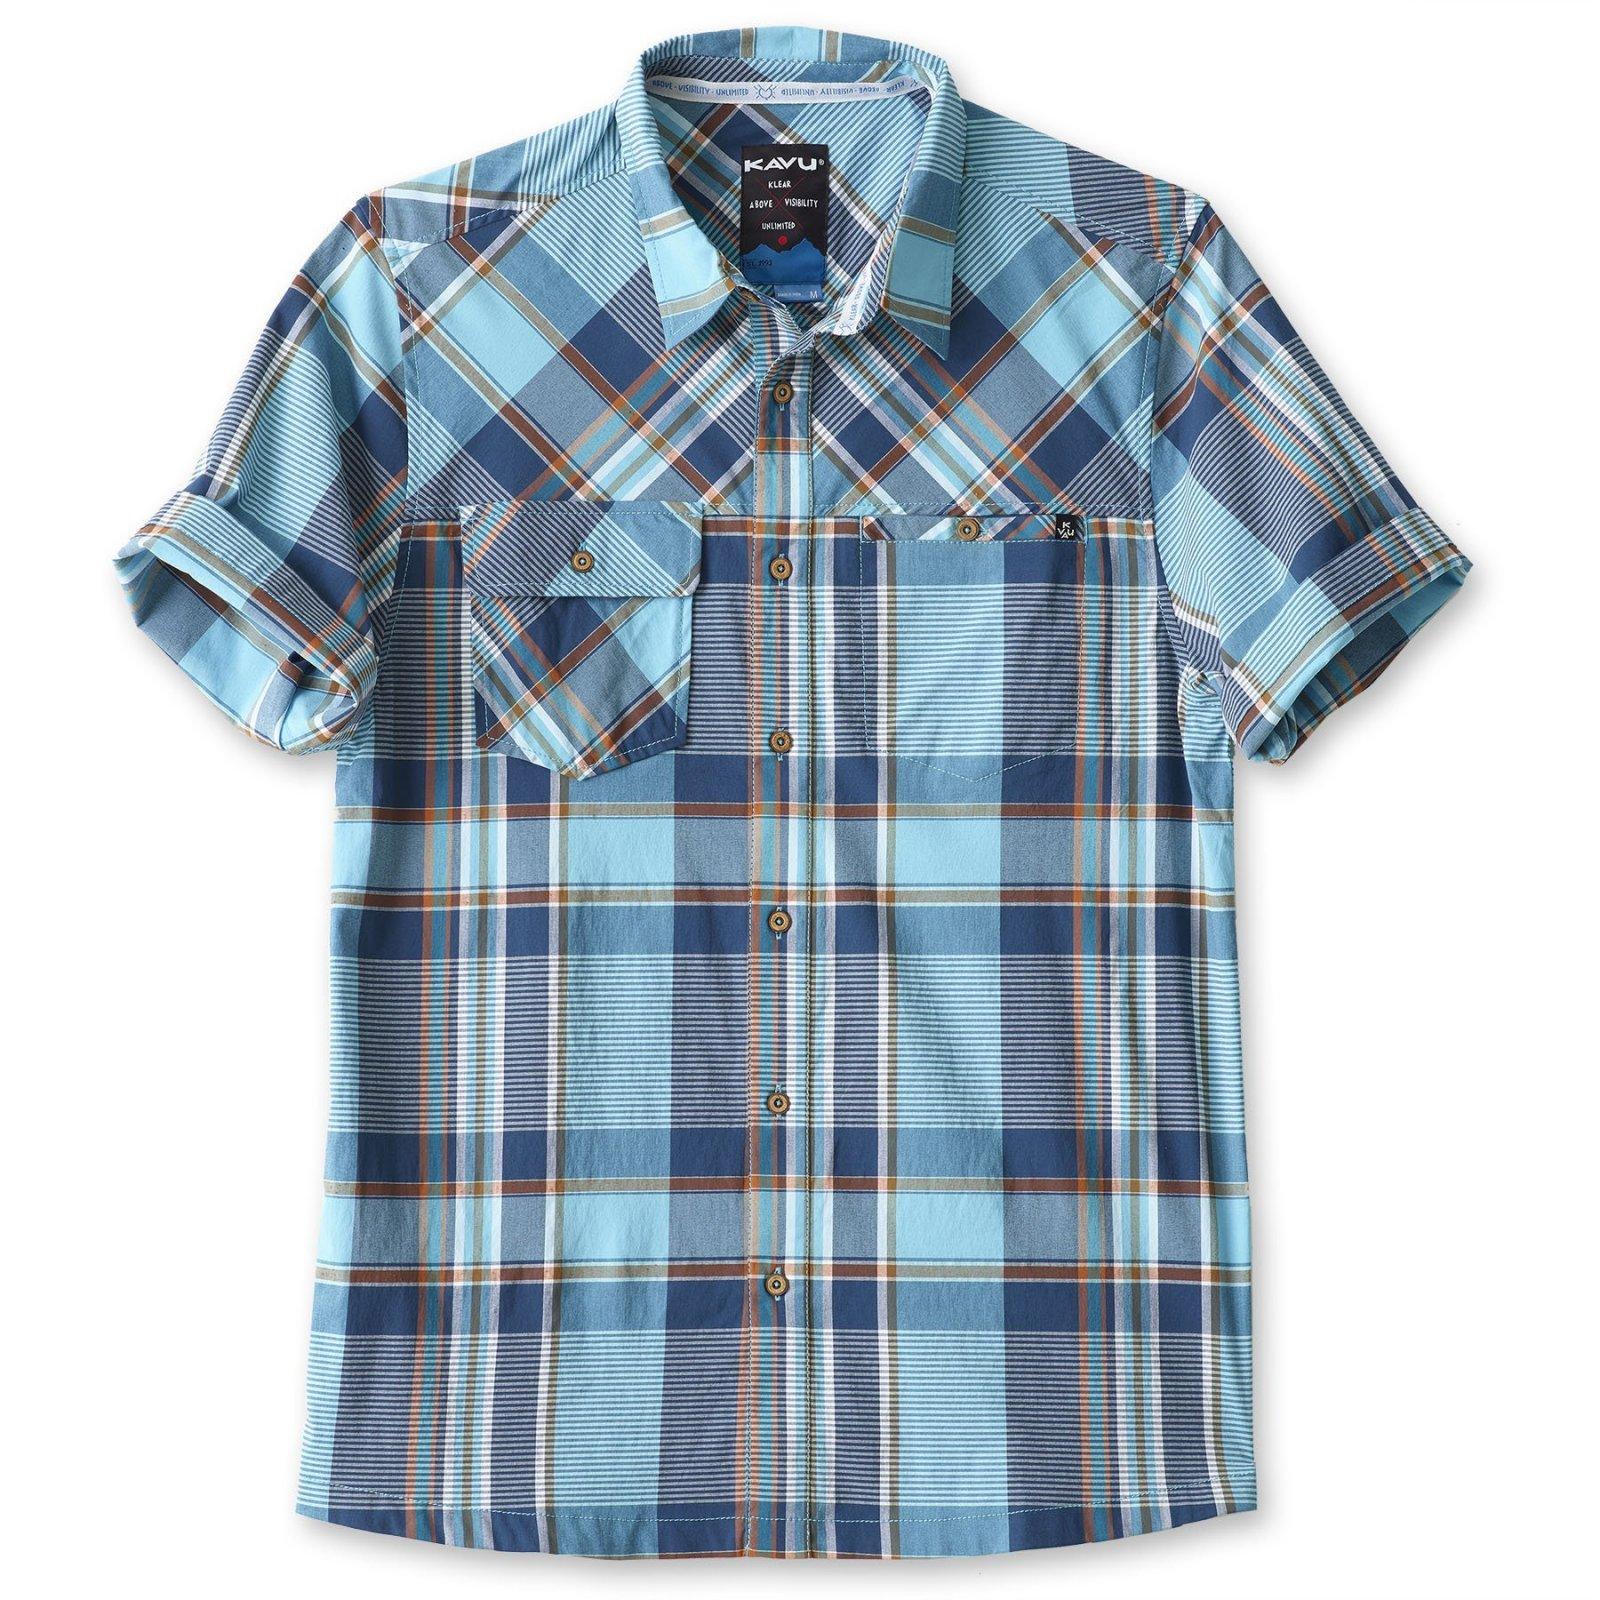 Kavu Boardwalk SS Shirt